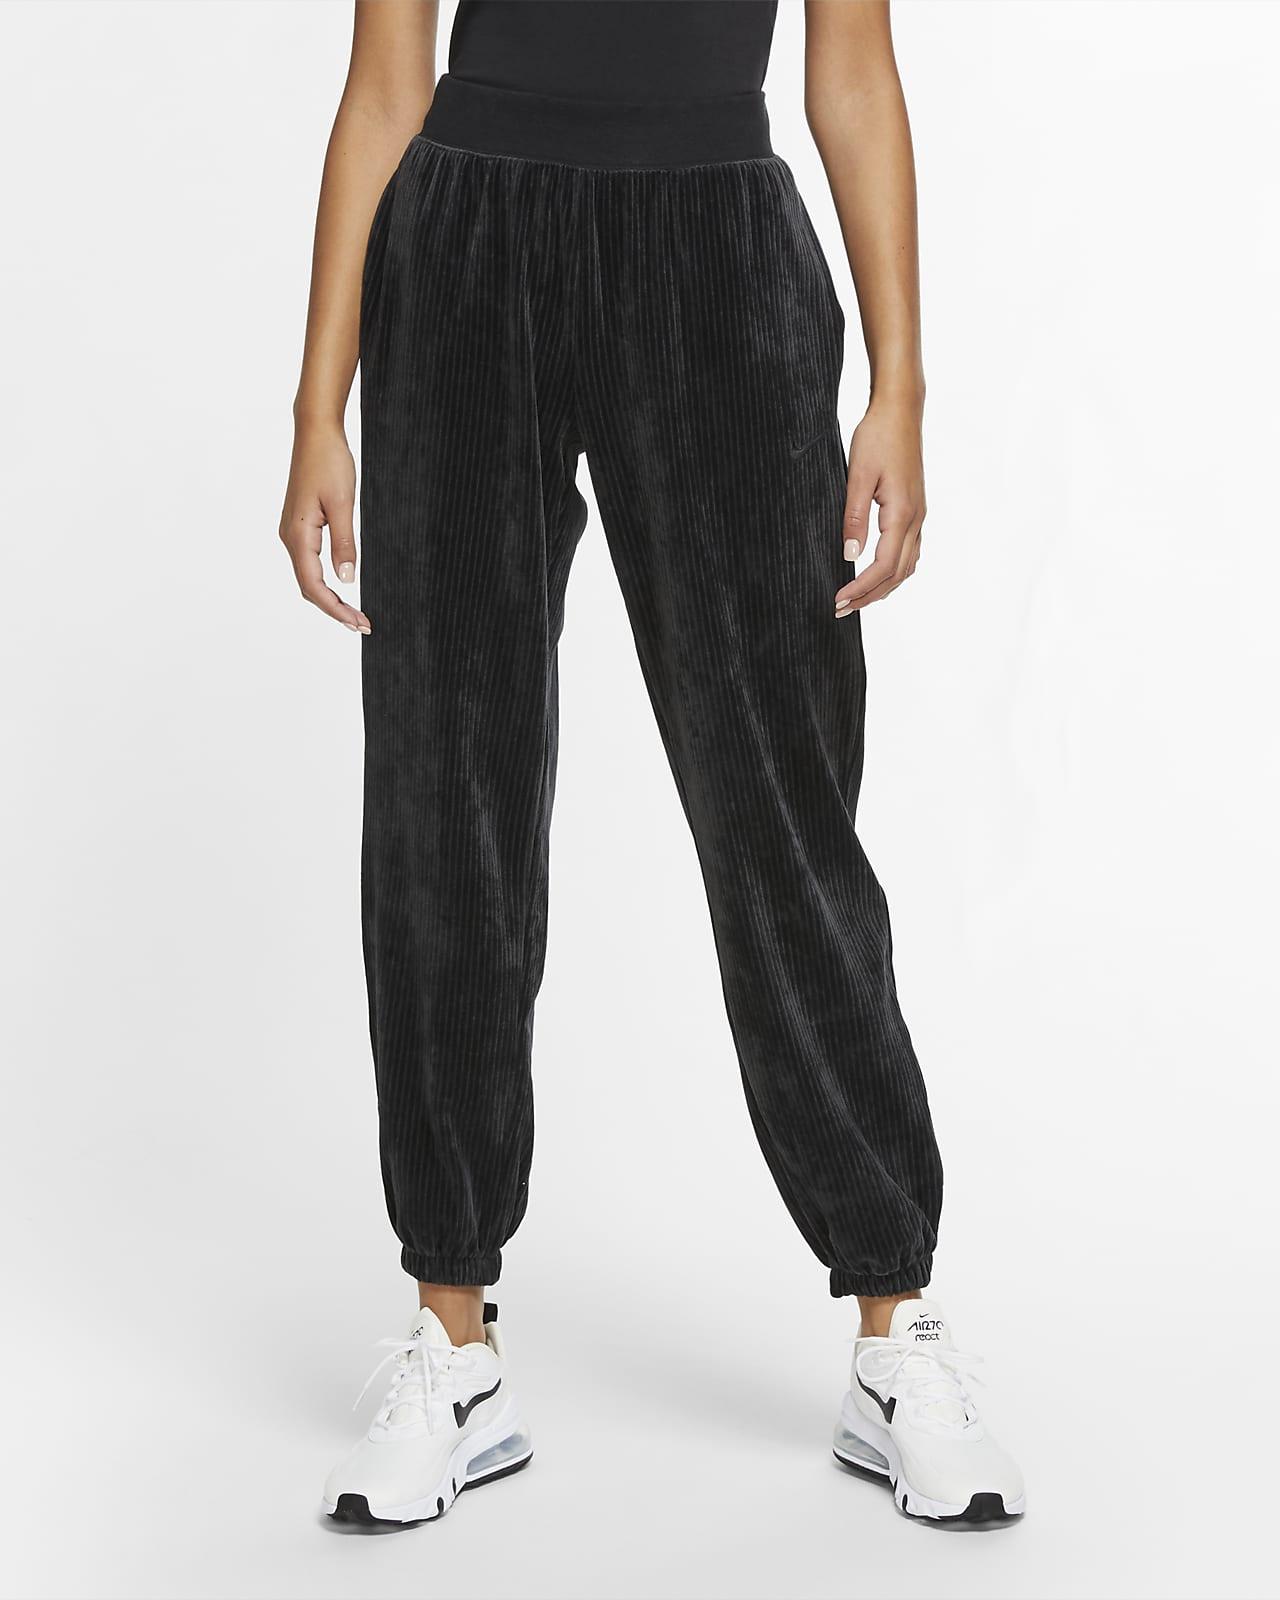 Calças aveludadas Nike Sportswear para mulher